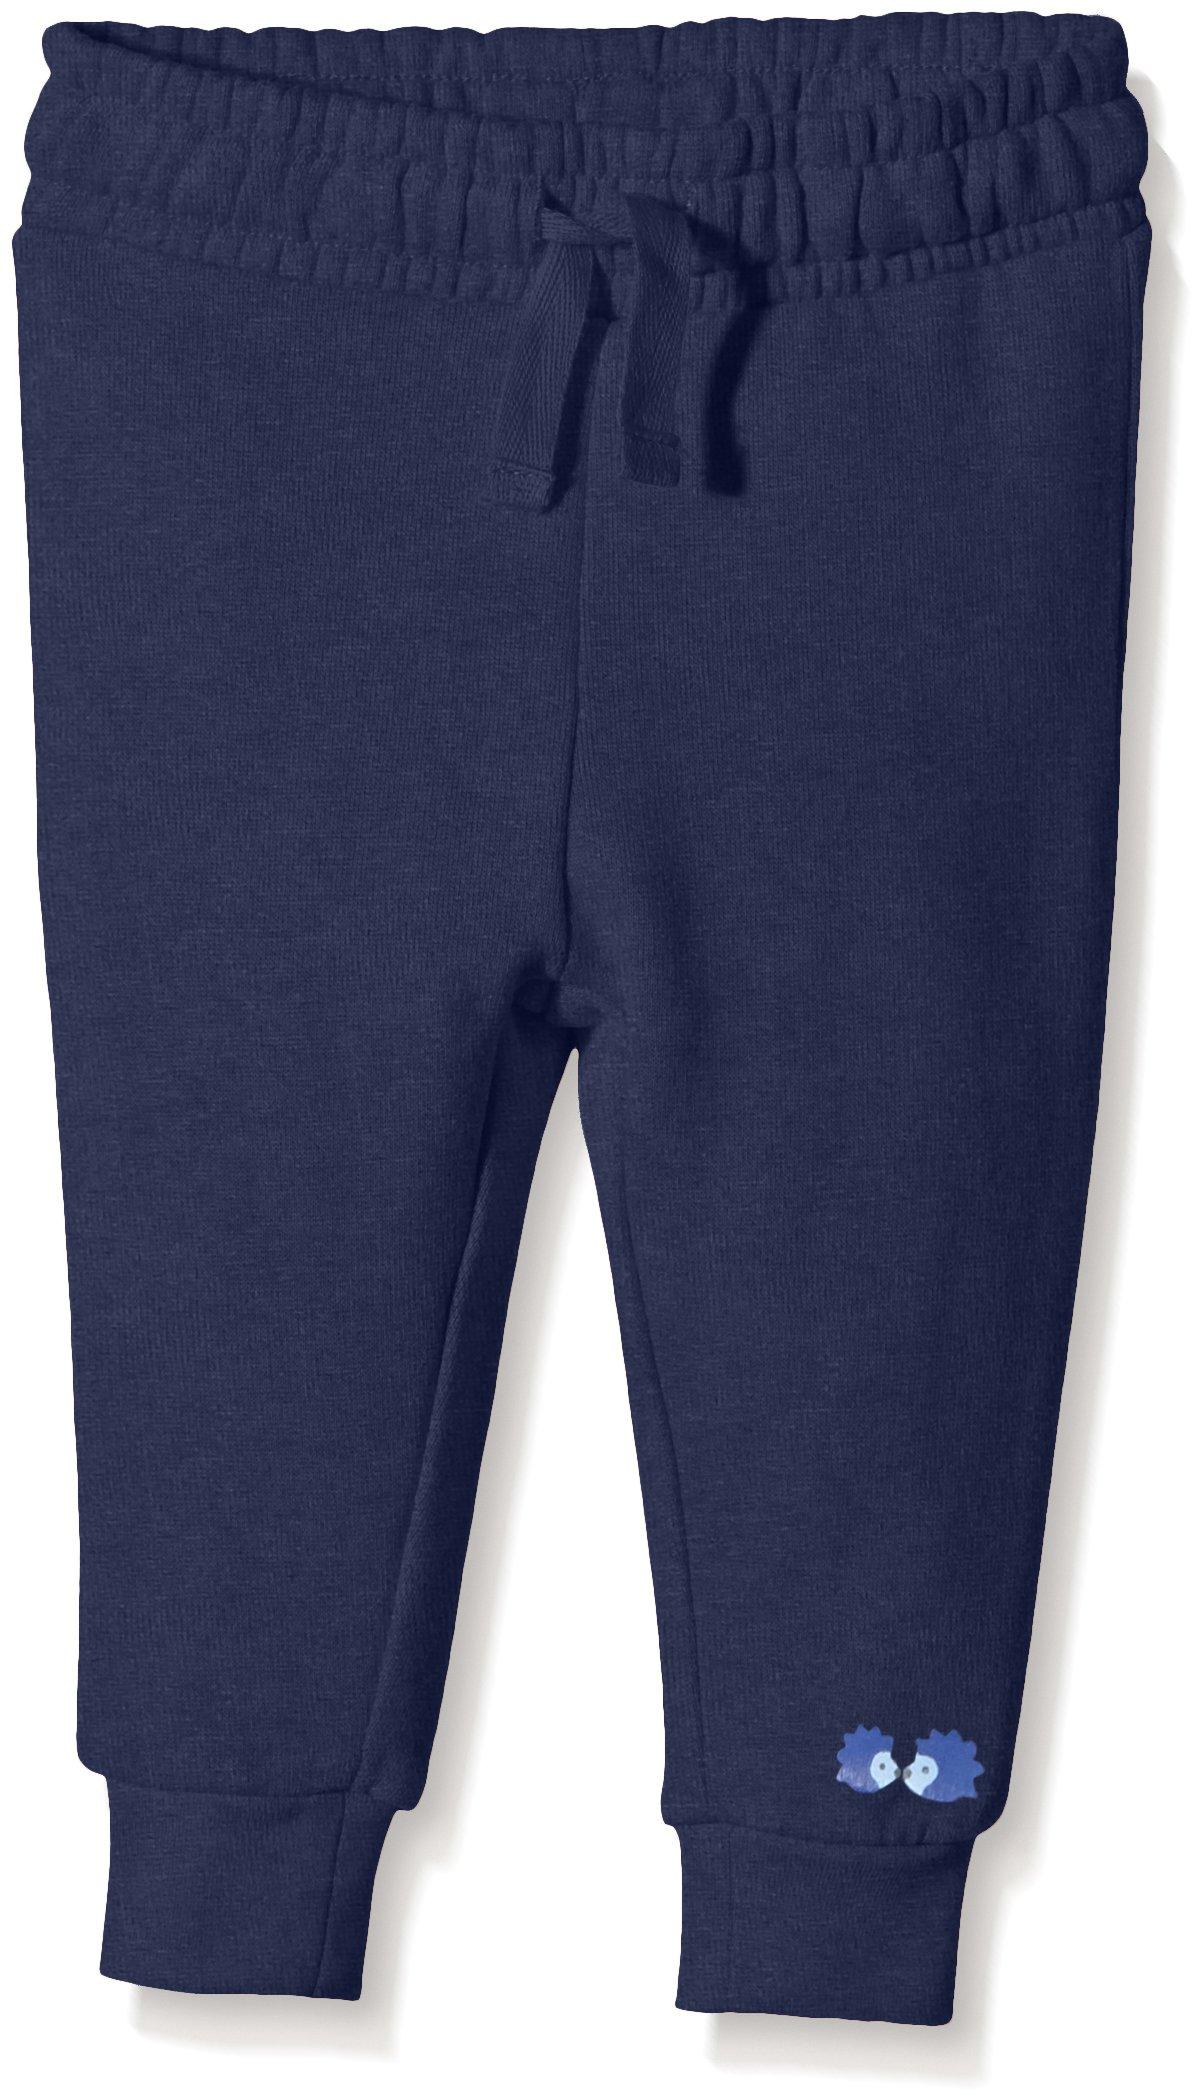 Twins 121125 - Pantalones deportivos Bebé-Niños 1